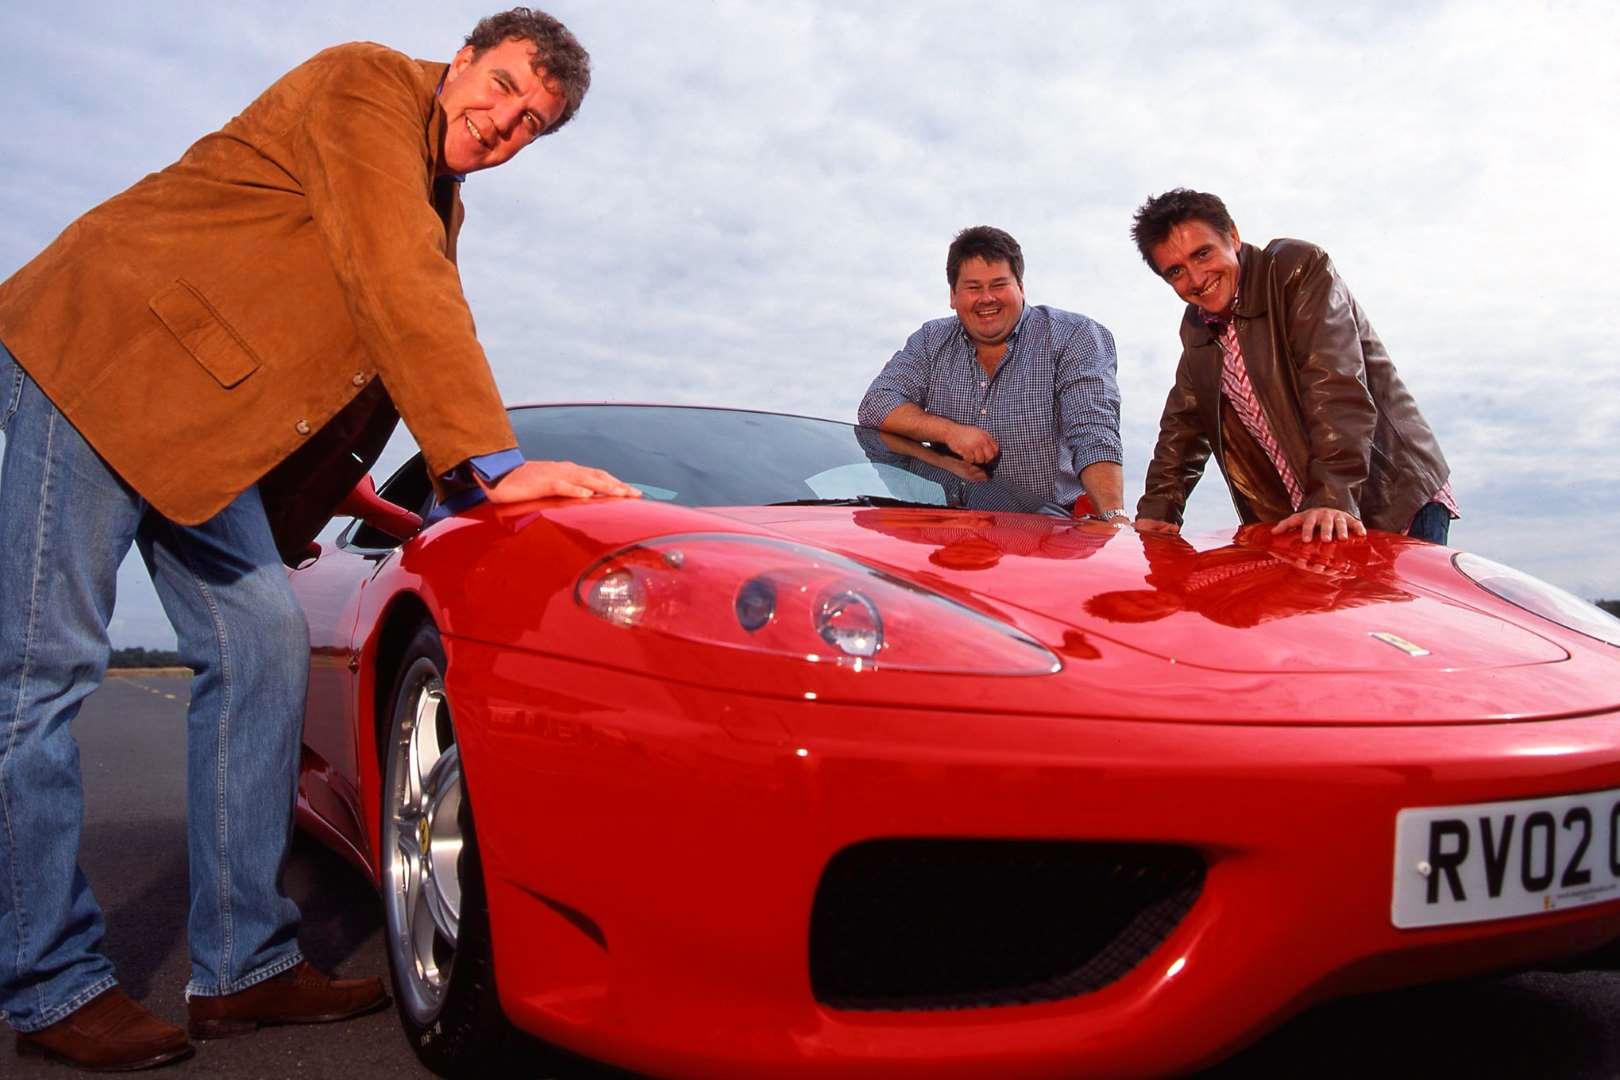 The Best Top Gear Season 10 Episode 9